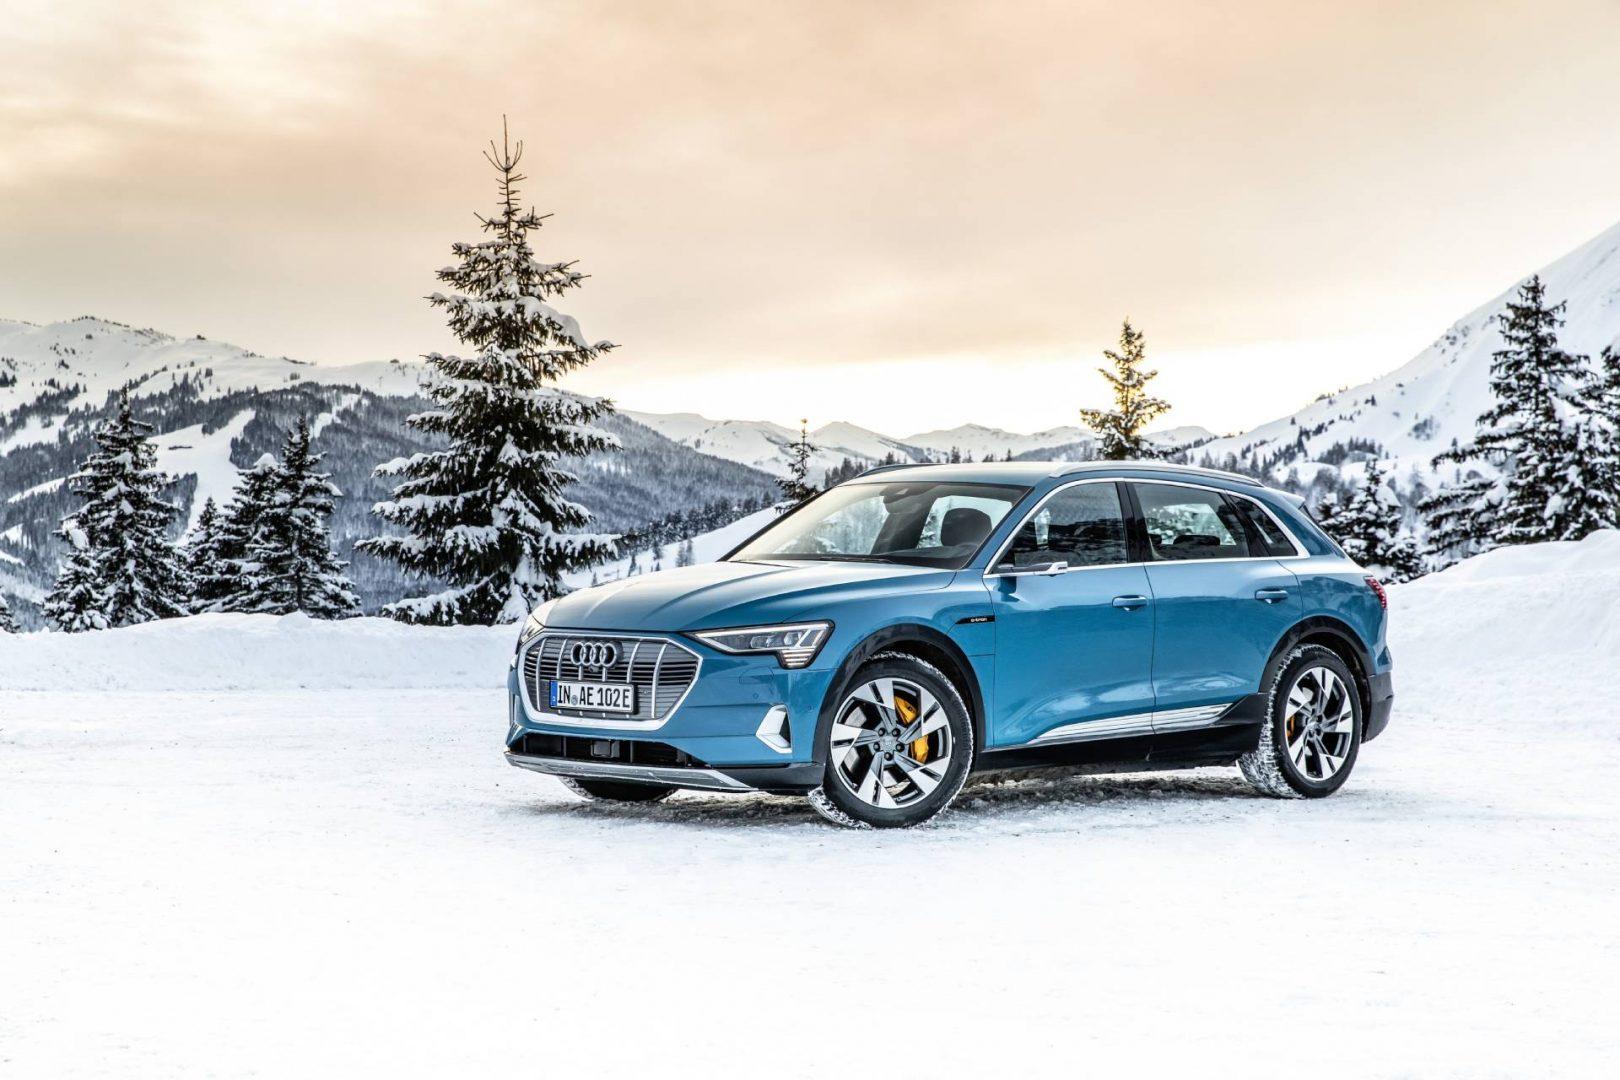 Audi e-tron in winter snow.